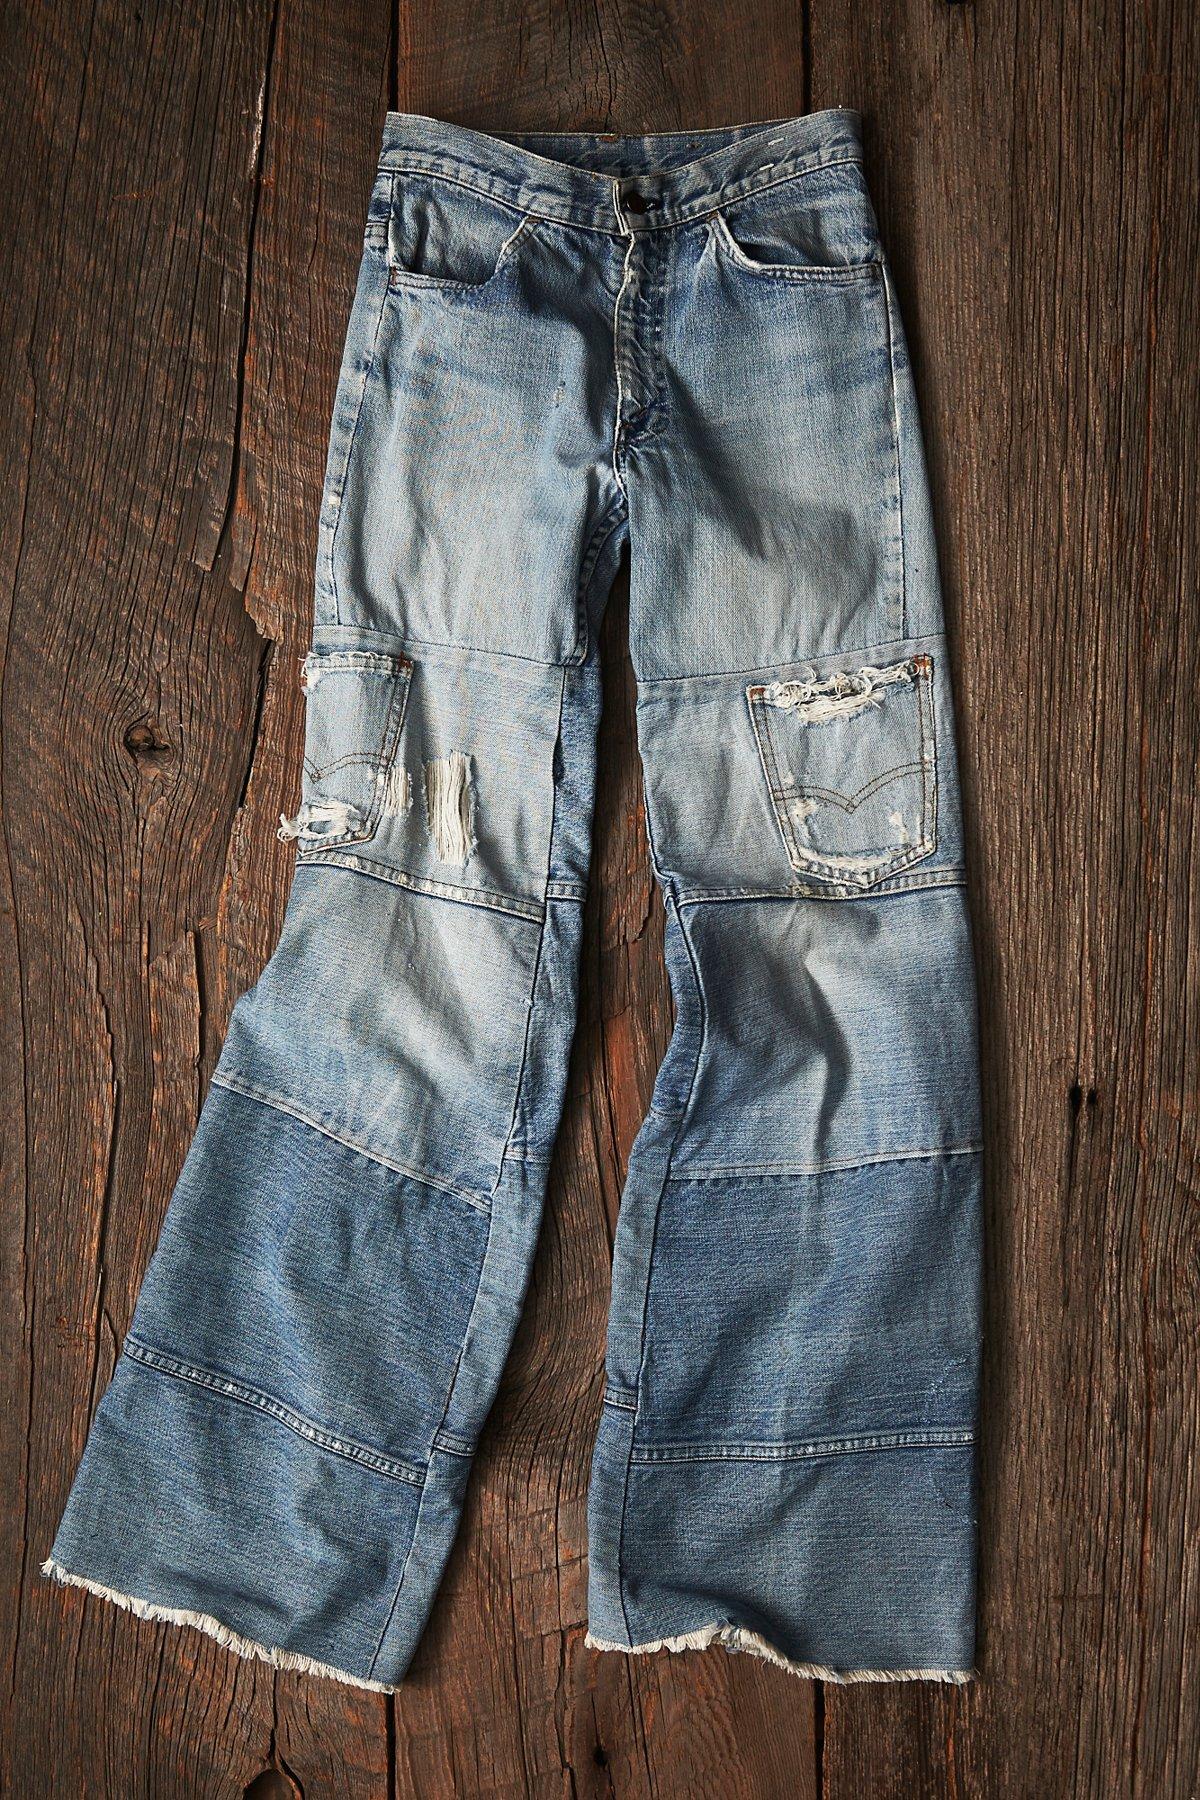 Vintage Patchwork Jeans